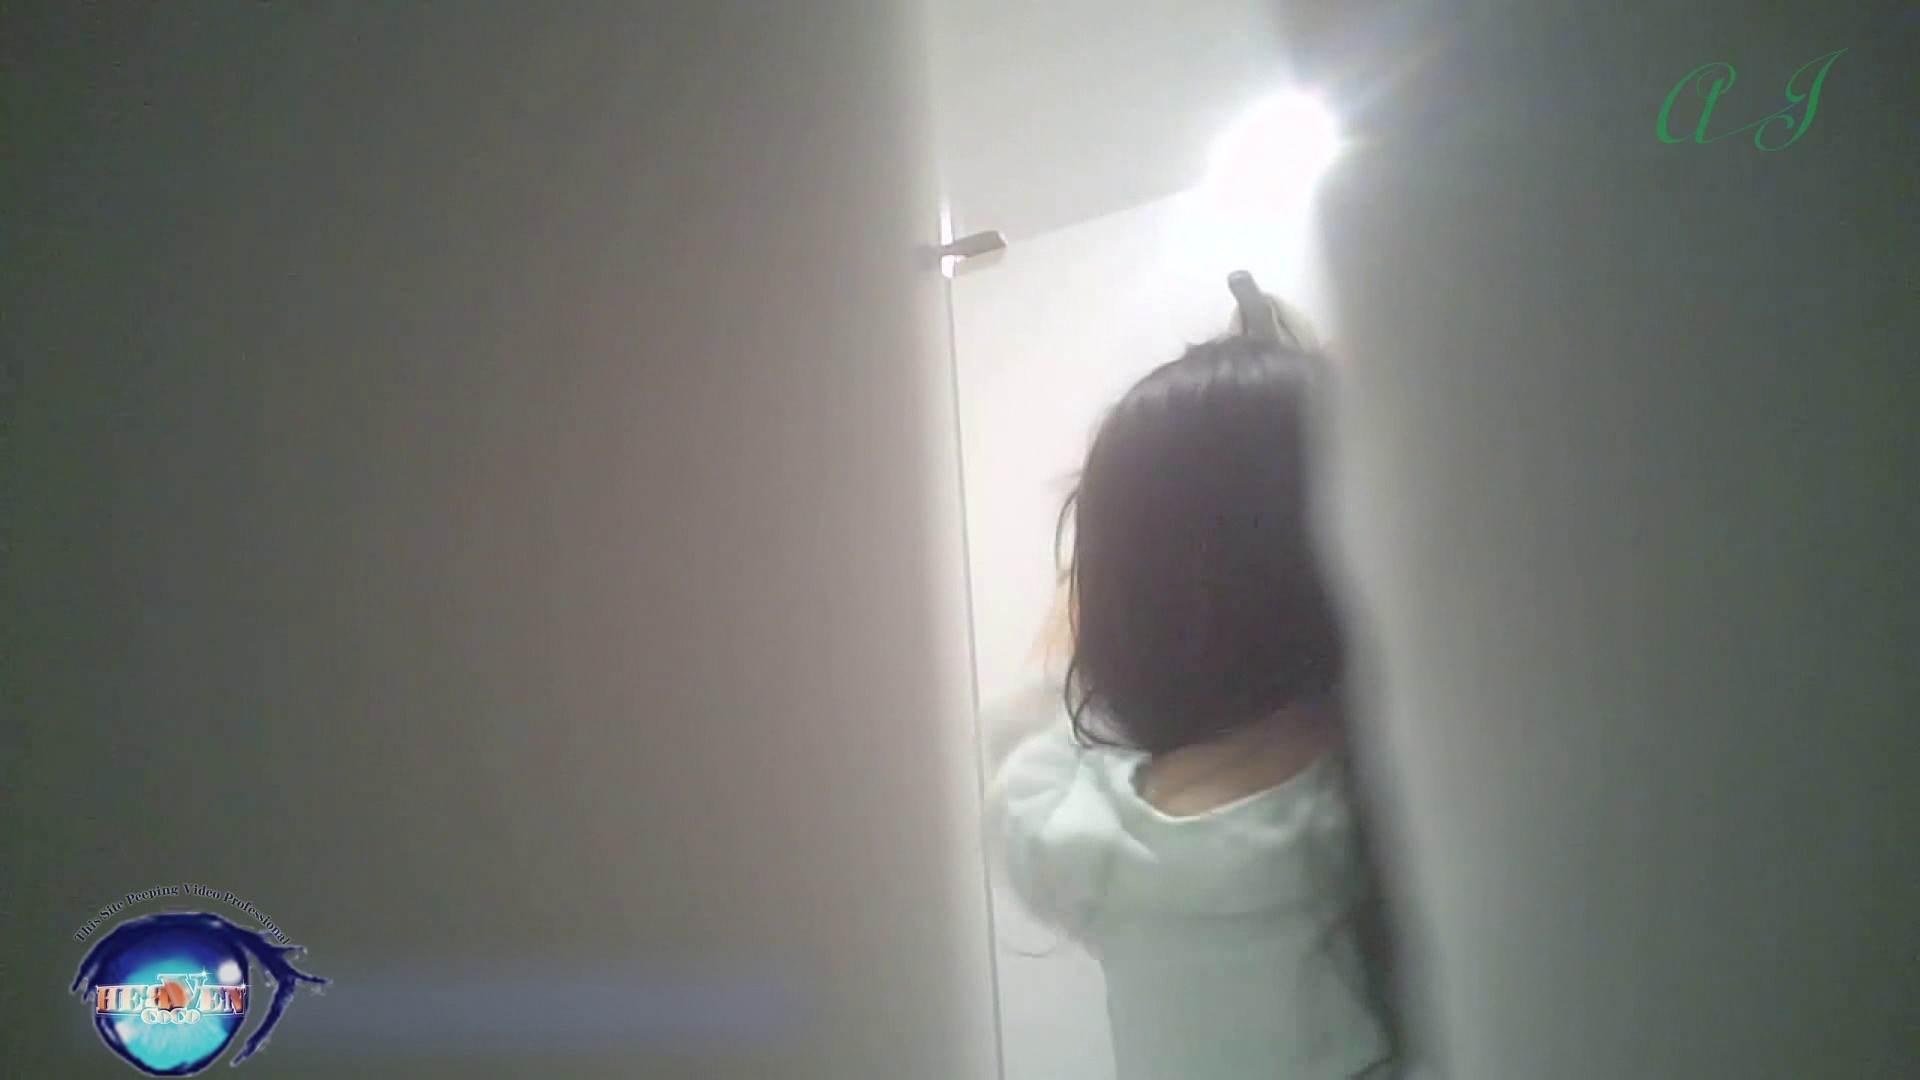 盗撮おまんこ 有名大学女性洗面所 vol.71 美女学生さんの潜入盗撮!前編 のぞき本舗 中村屋